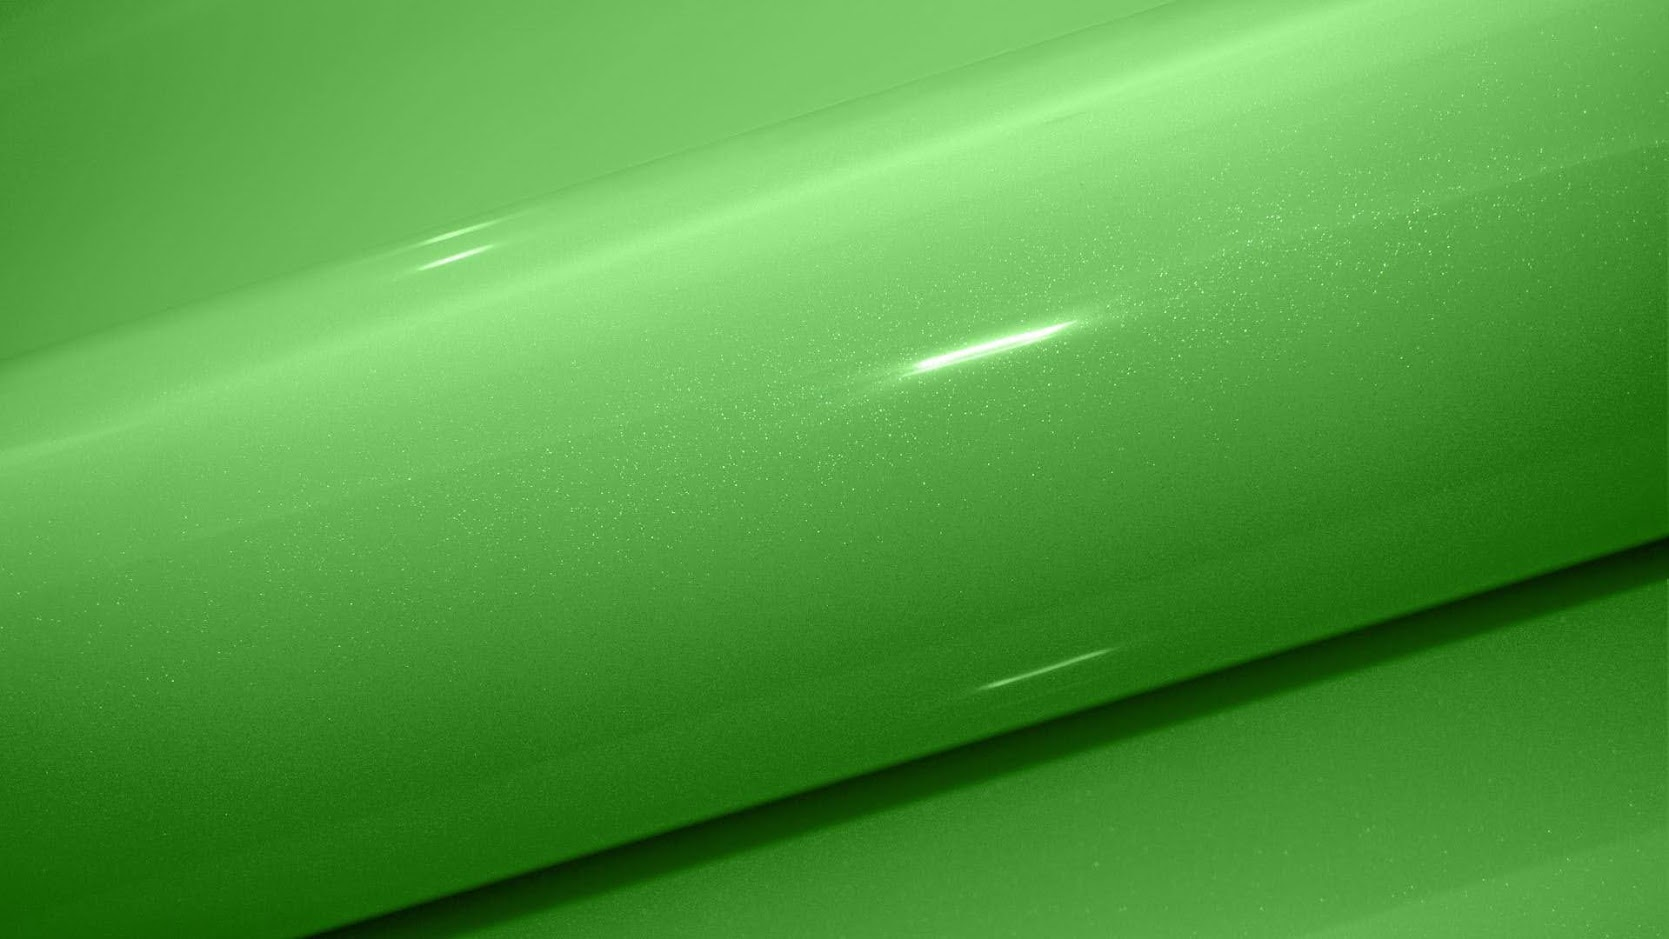 Ярко-зеленый BA 7108A Адилет